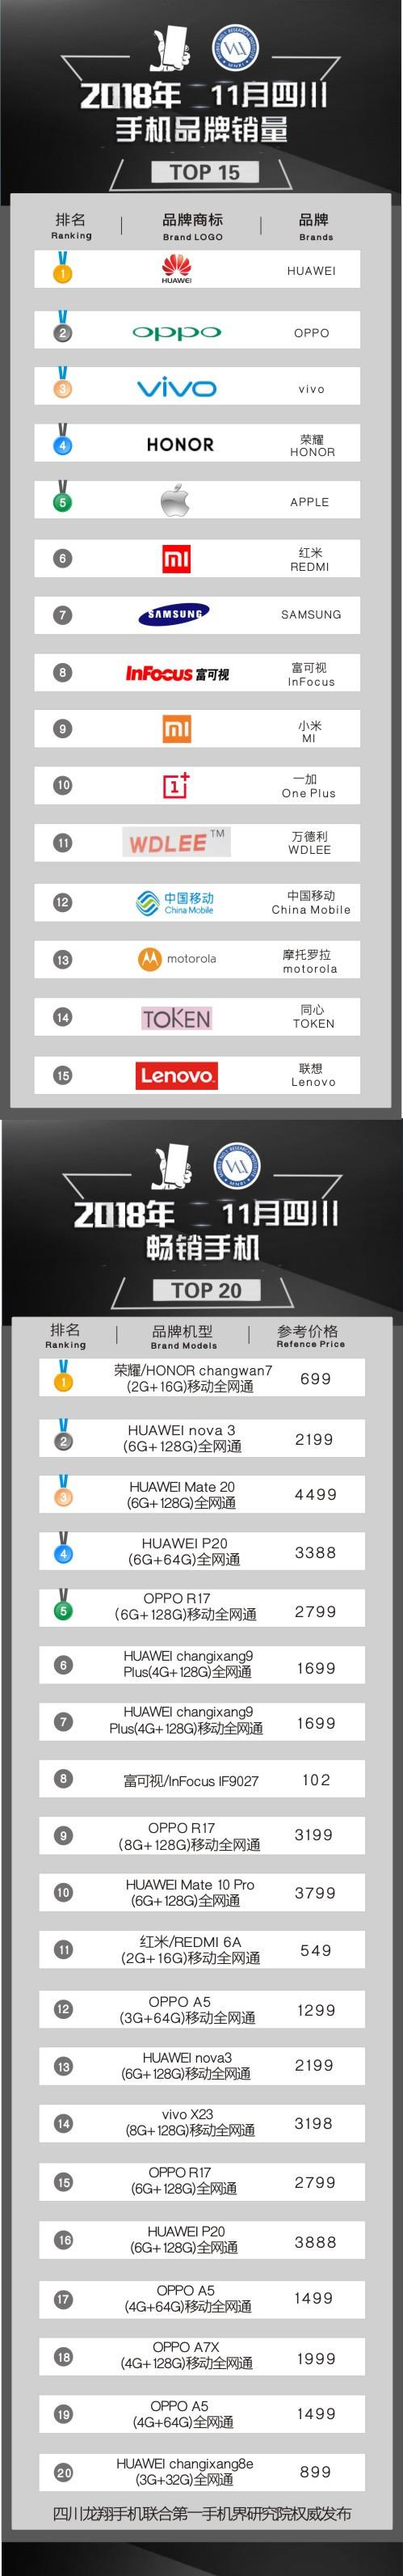 2018年11月四川畅销手机市场TOP15:苹果失踪